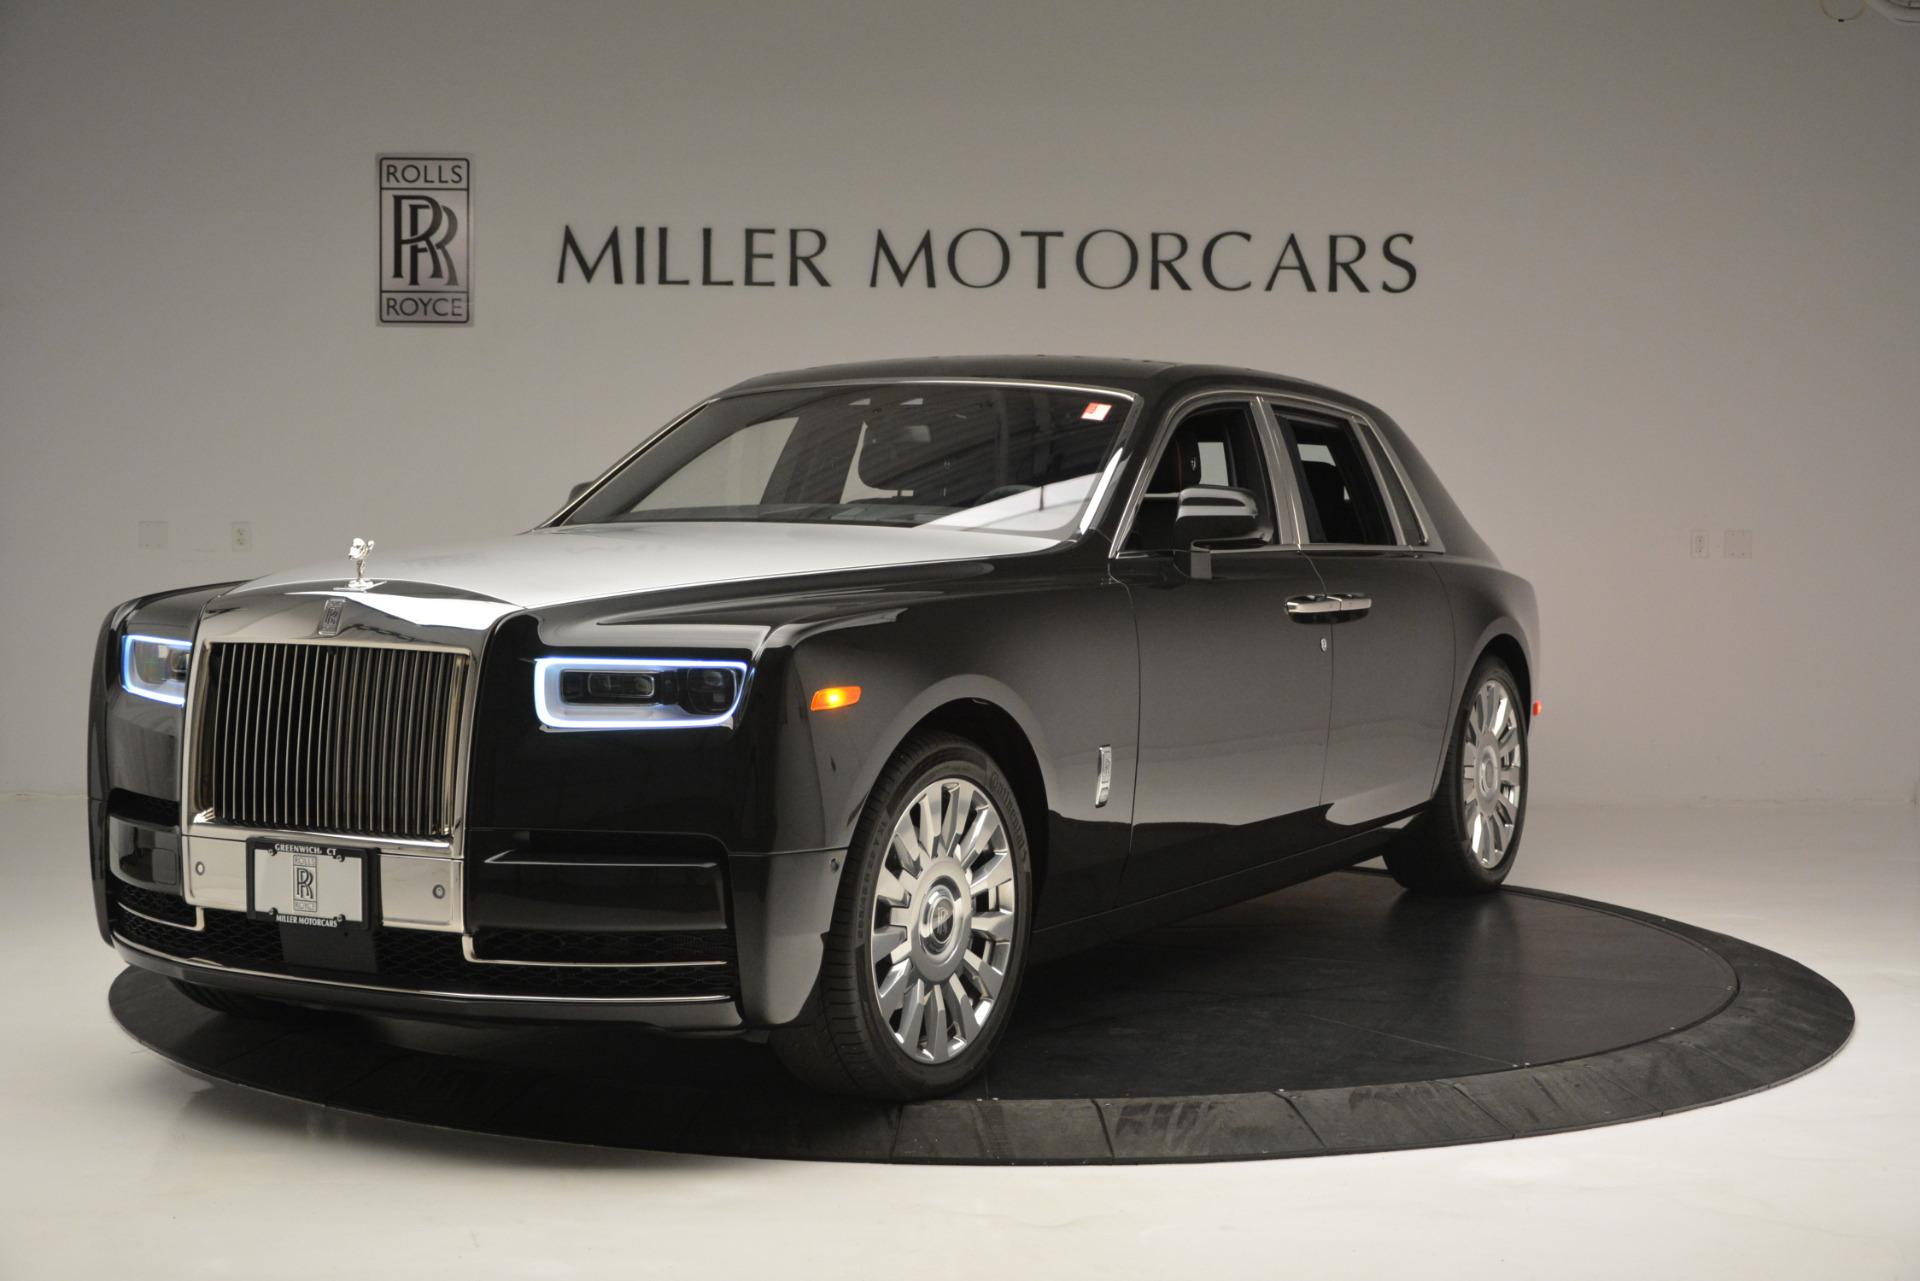 Used 2018 Rolls-Royce Phantom for sale Sold at Alfa Romeo of Westport in Westport CT 06880 1